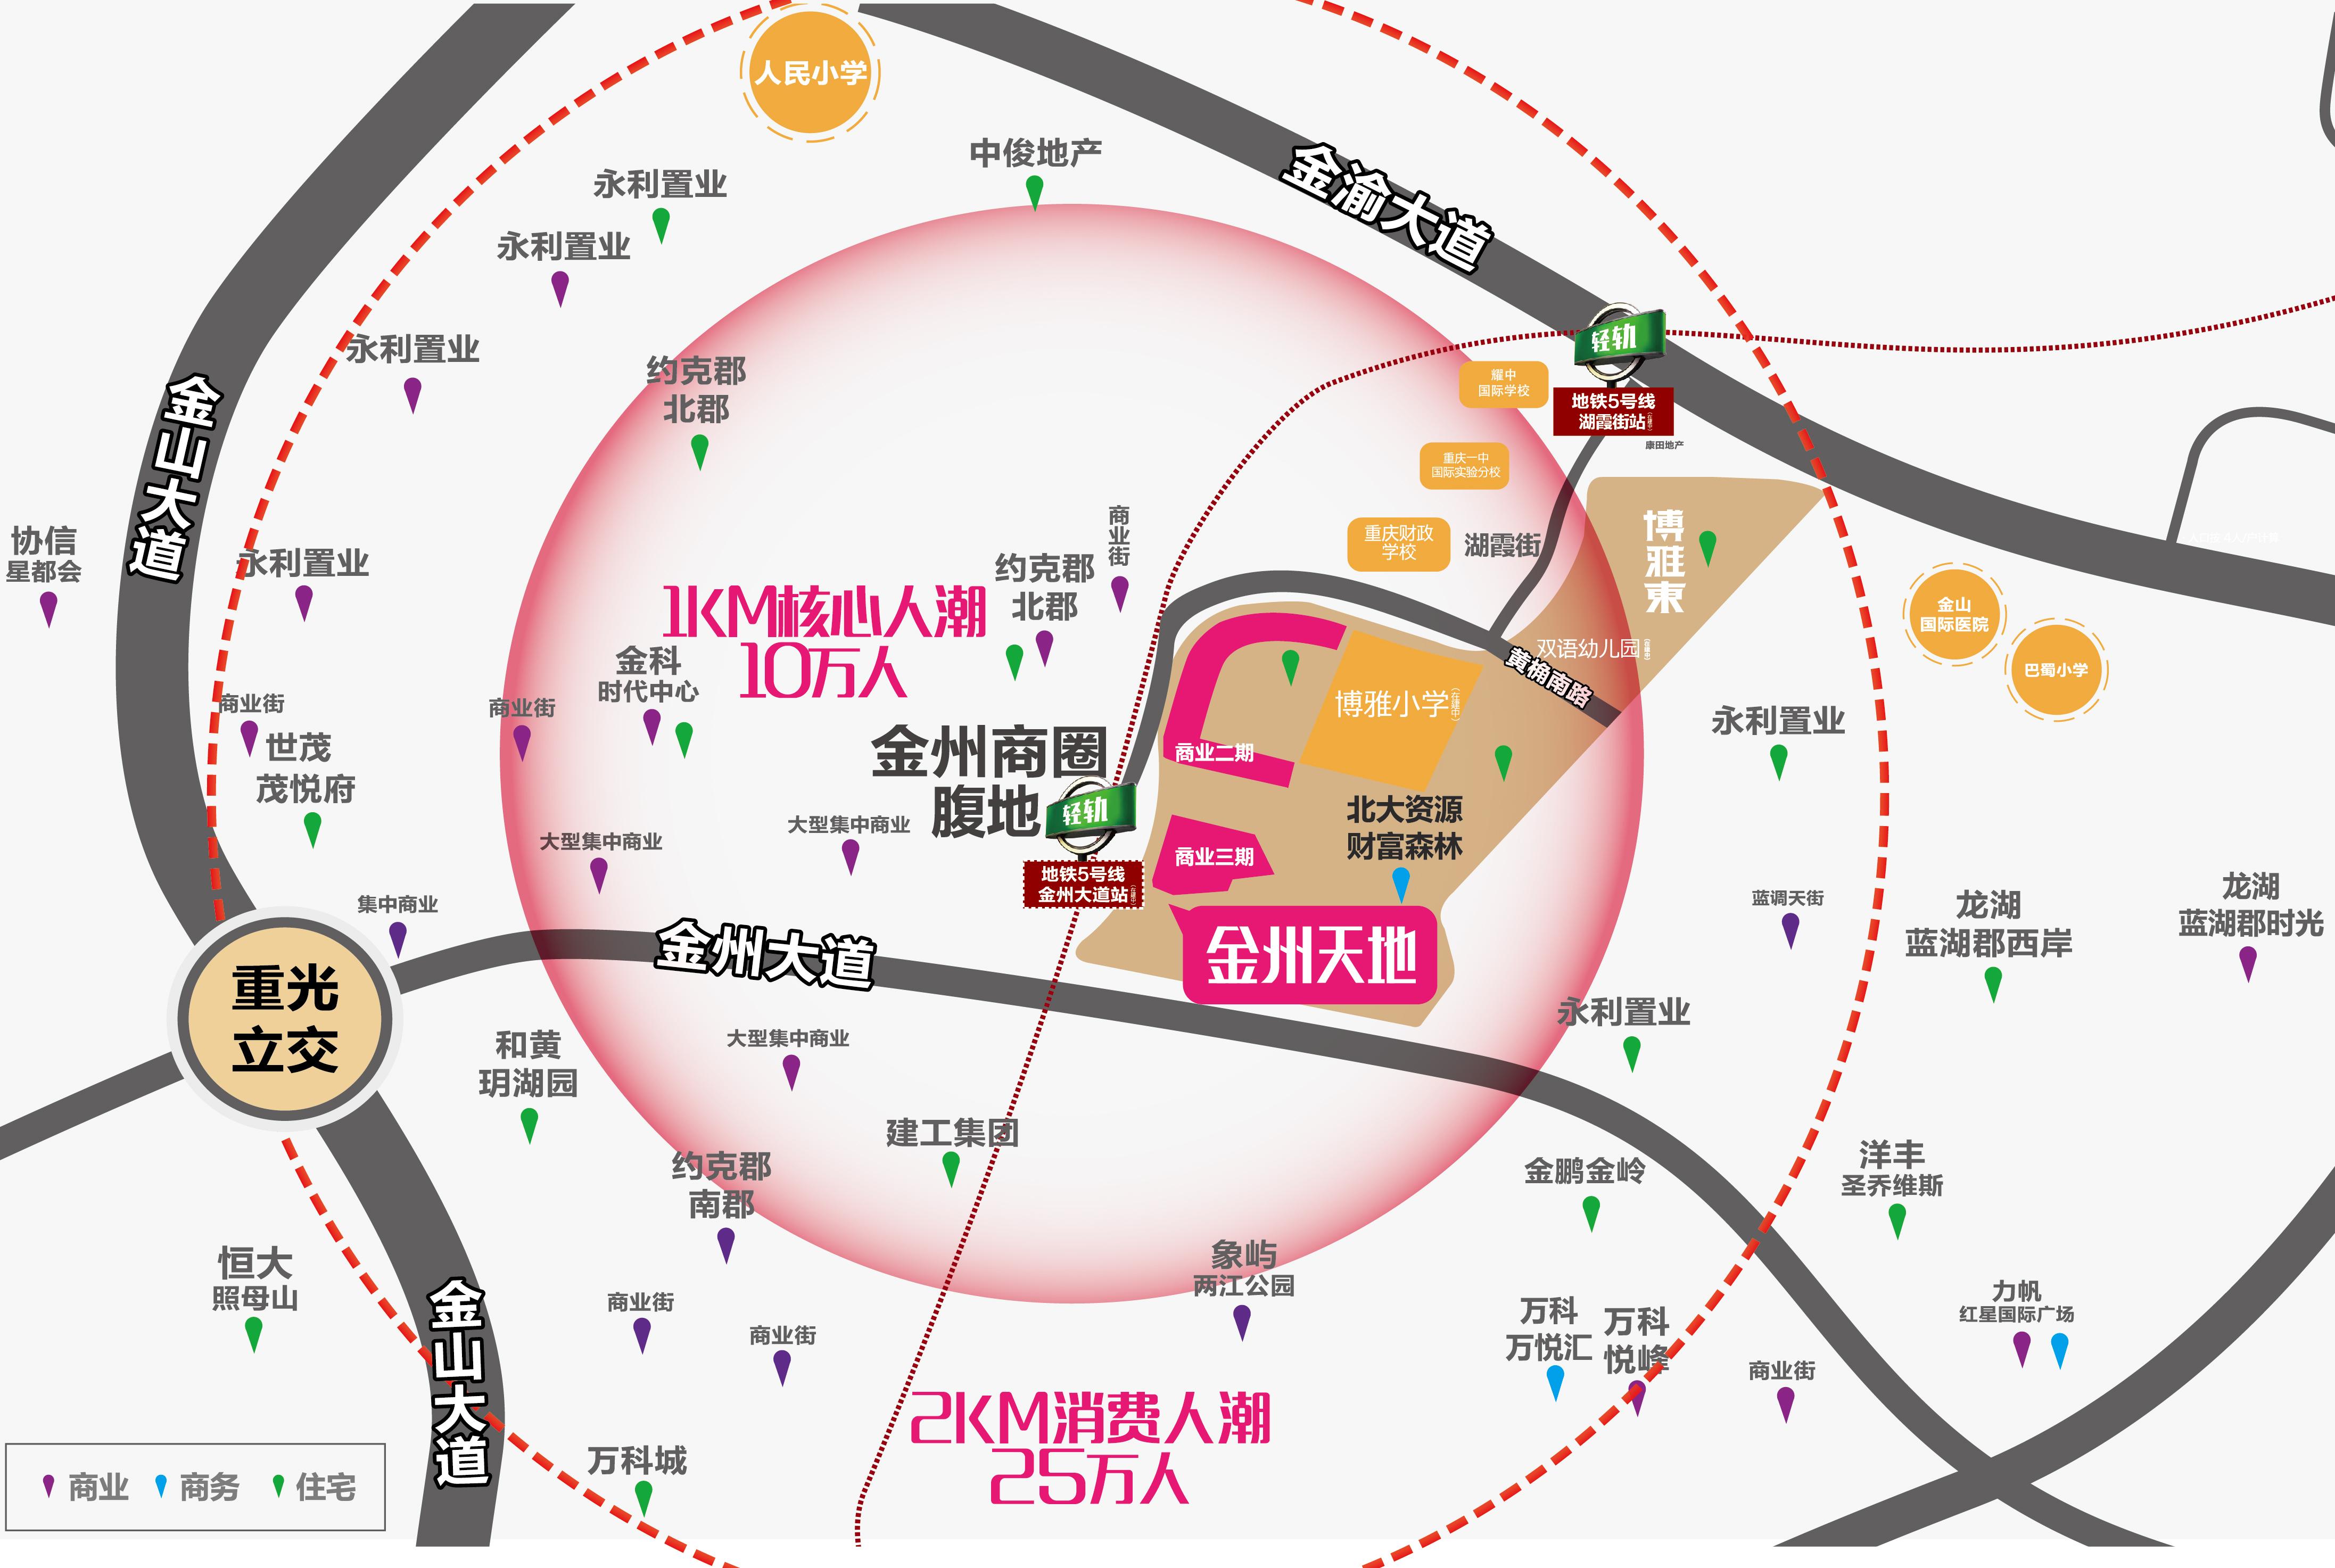 重庆金州社区常住人口_重庆金州小学